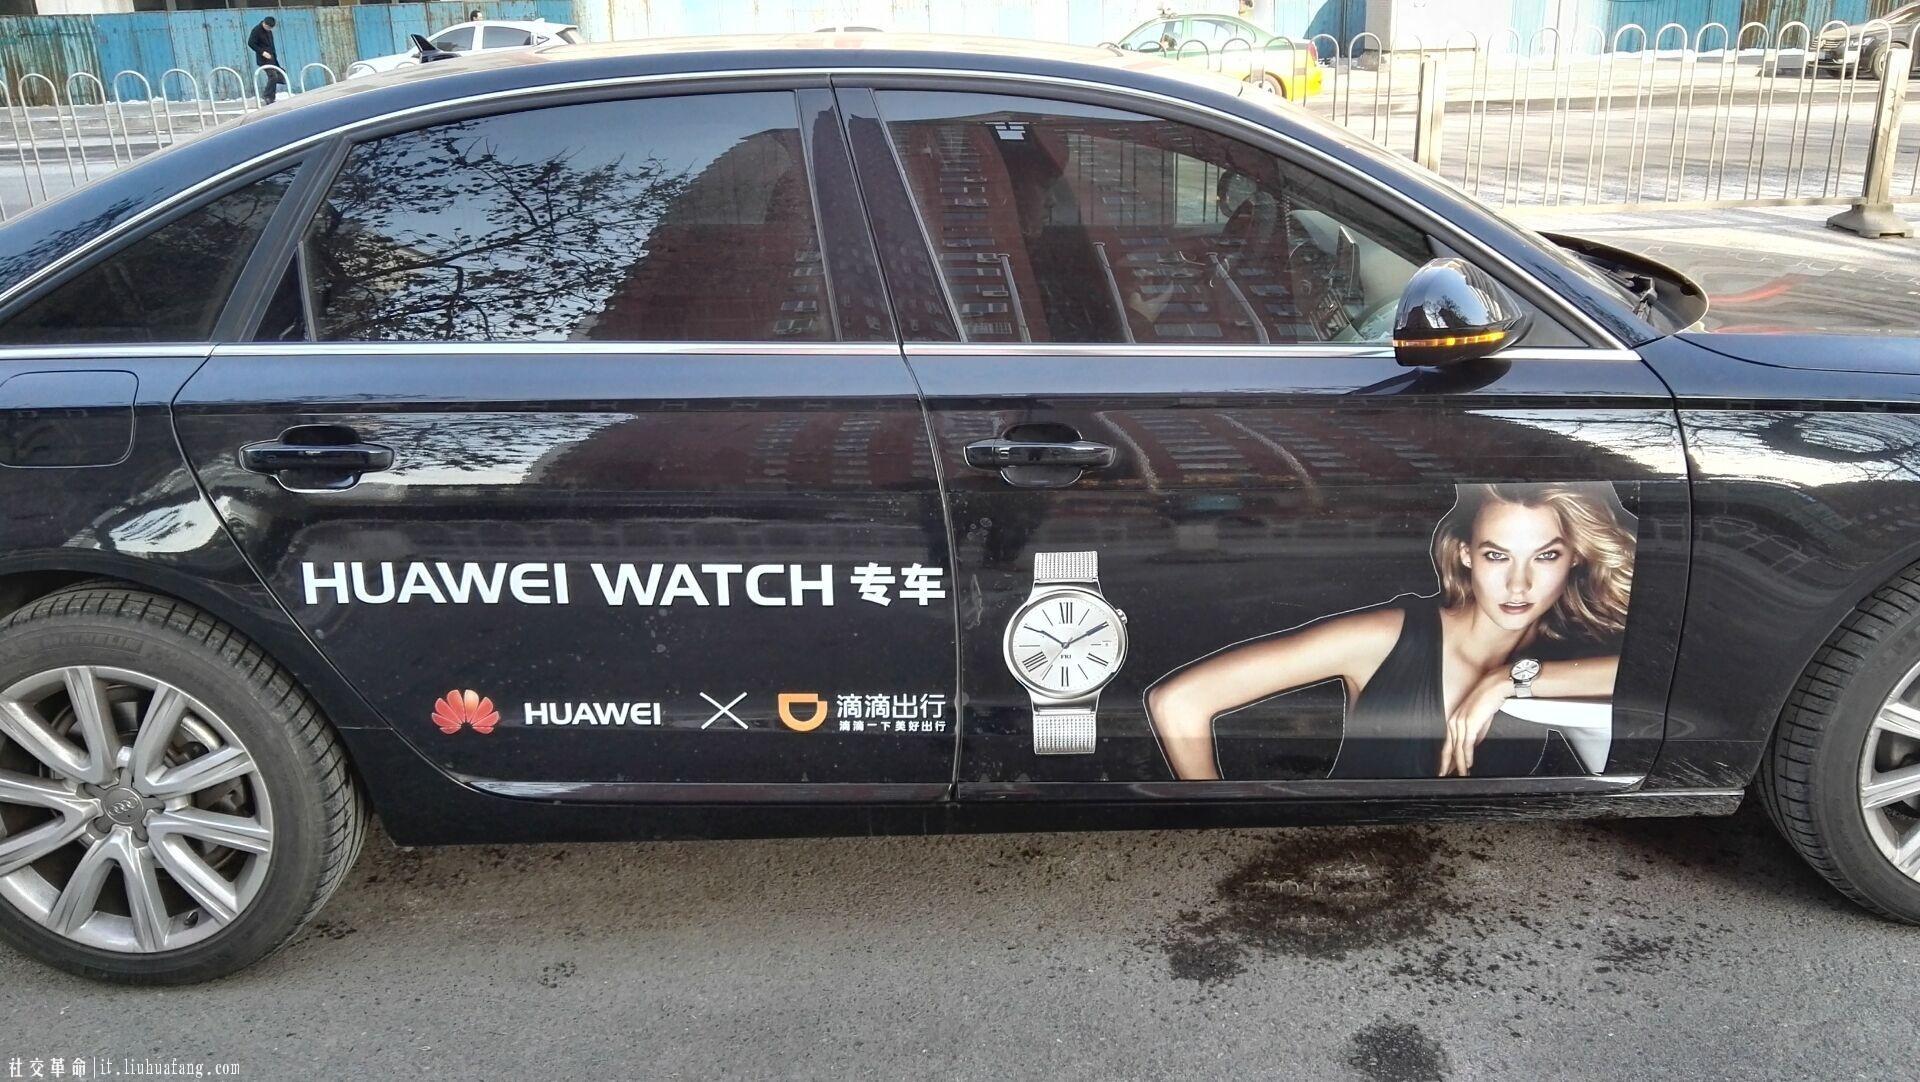 HUAWEI WATCH跨界玩出彩,体验式营销点亮出行场景